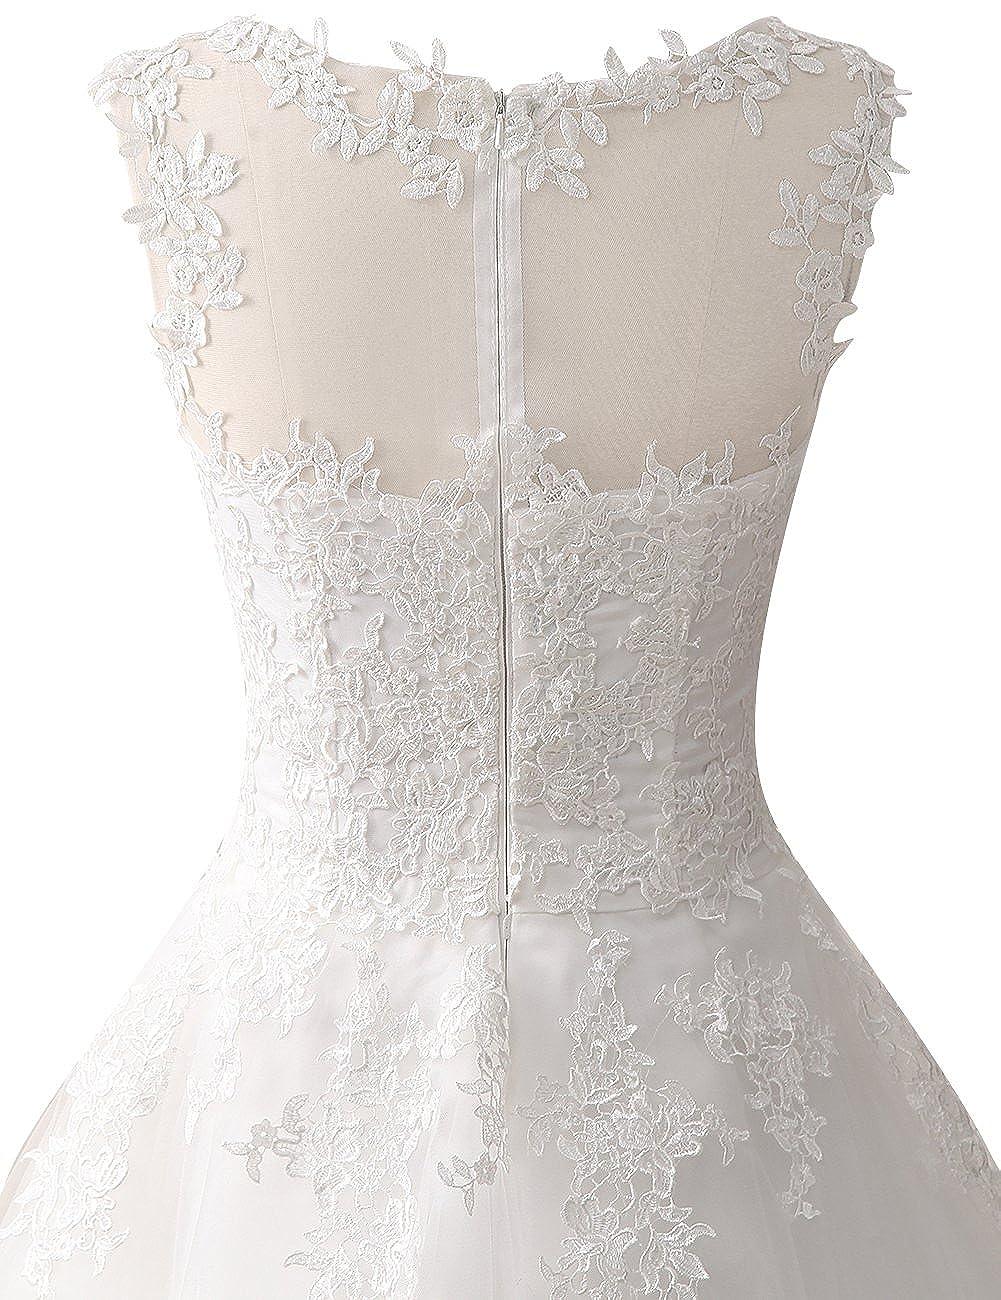 Wedding Dress Lace Bride Dresses Short Wedding Gown Tulle Vintage Bridal Gown Appliques